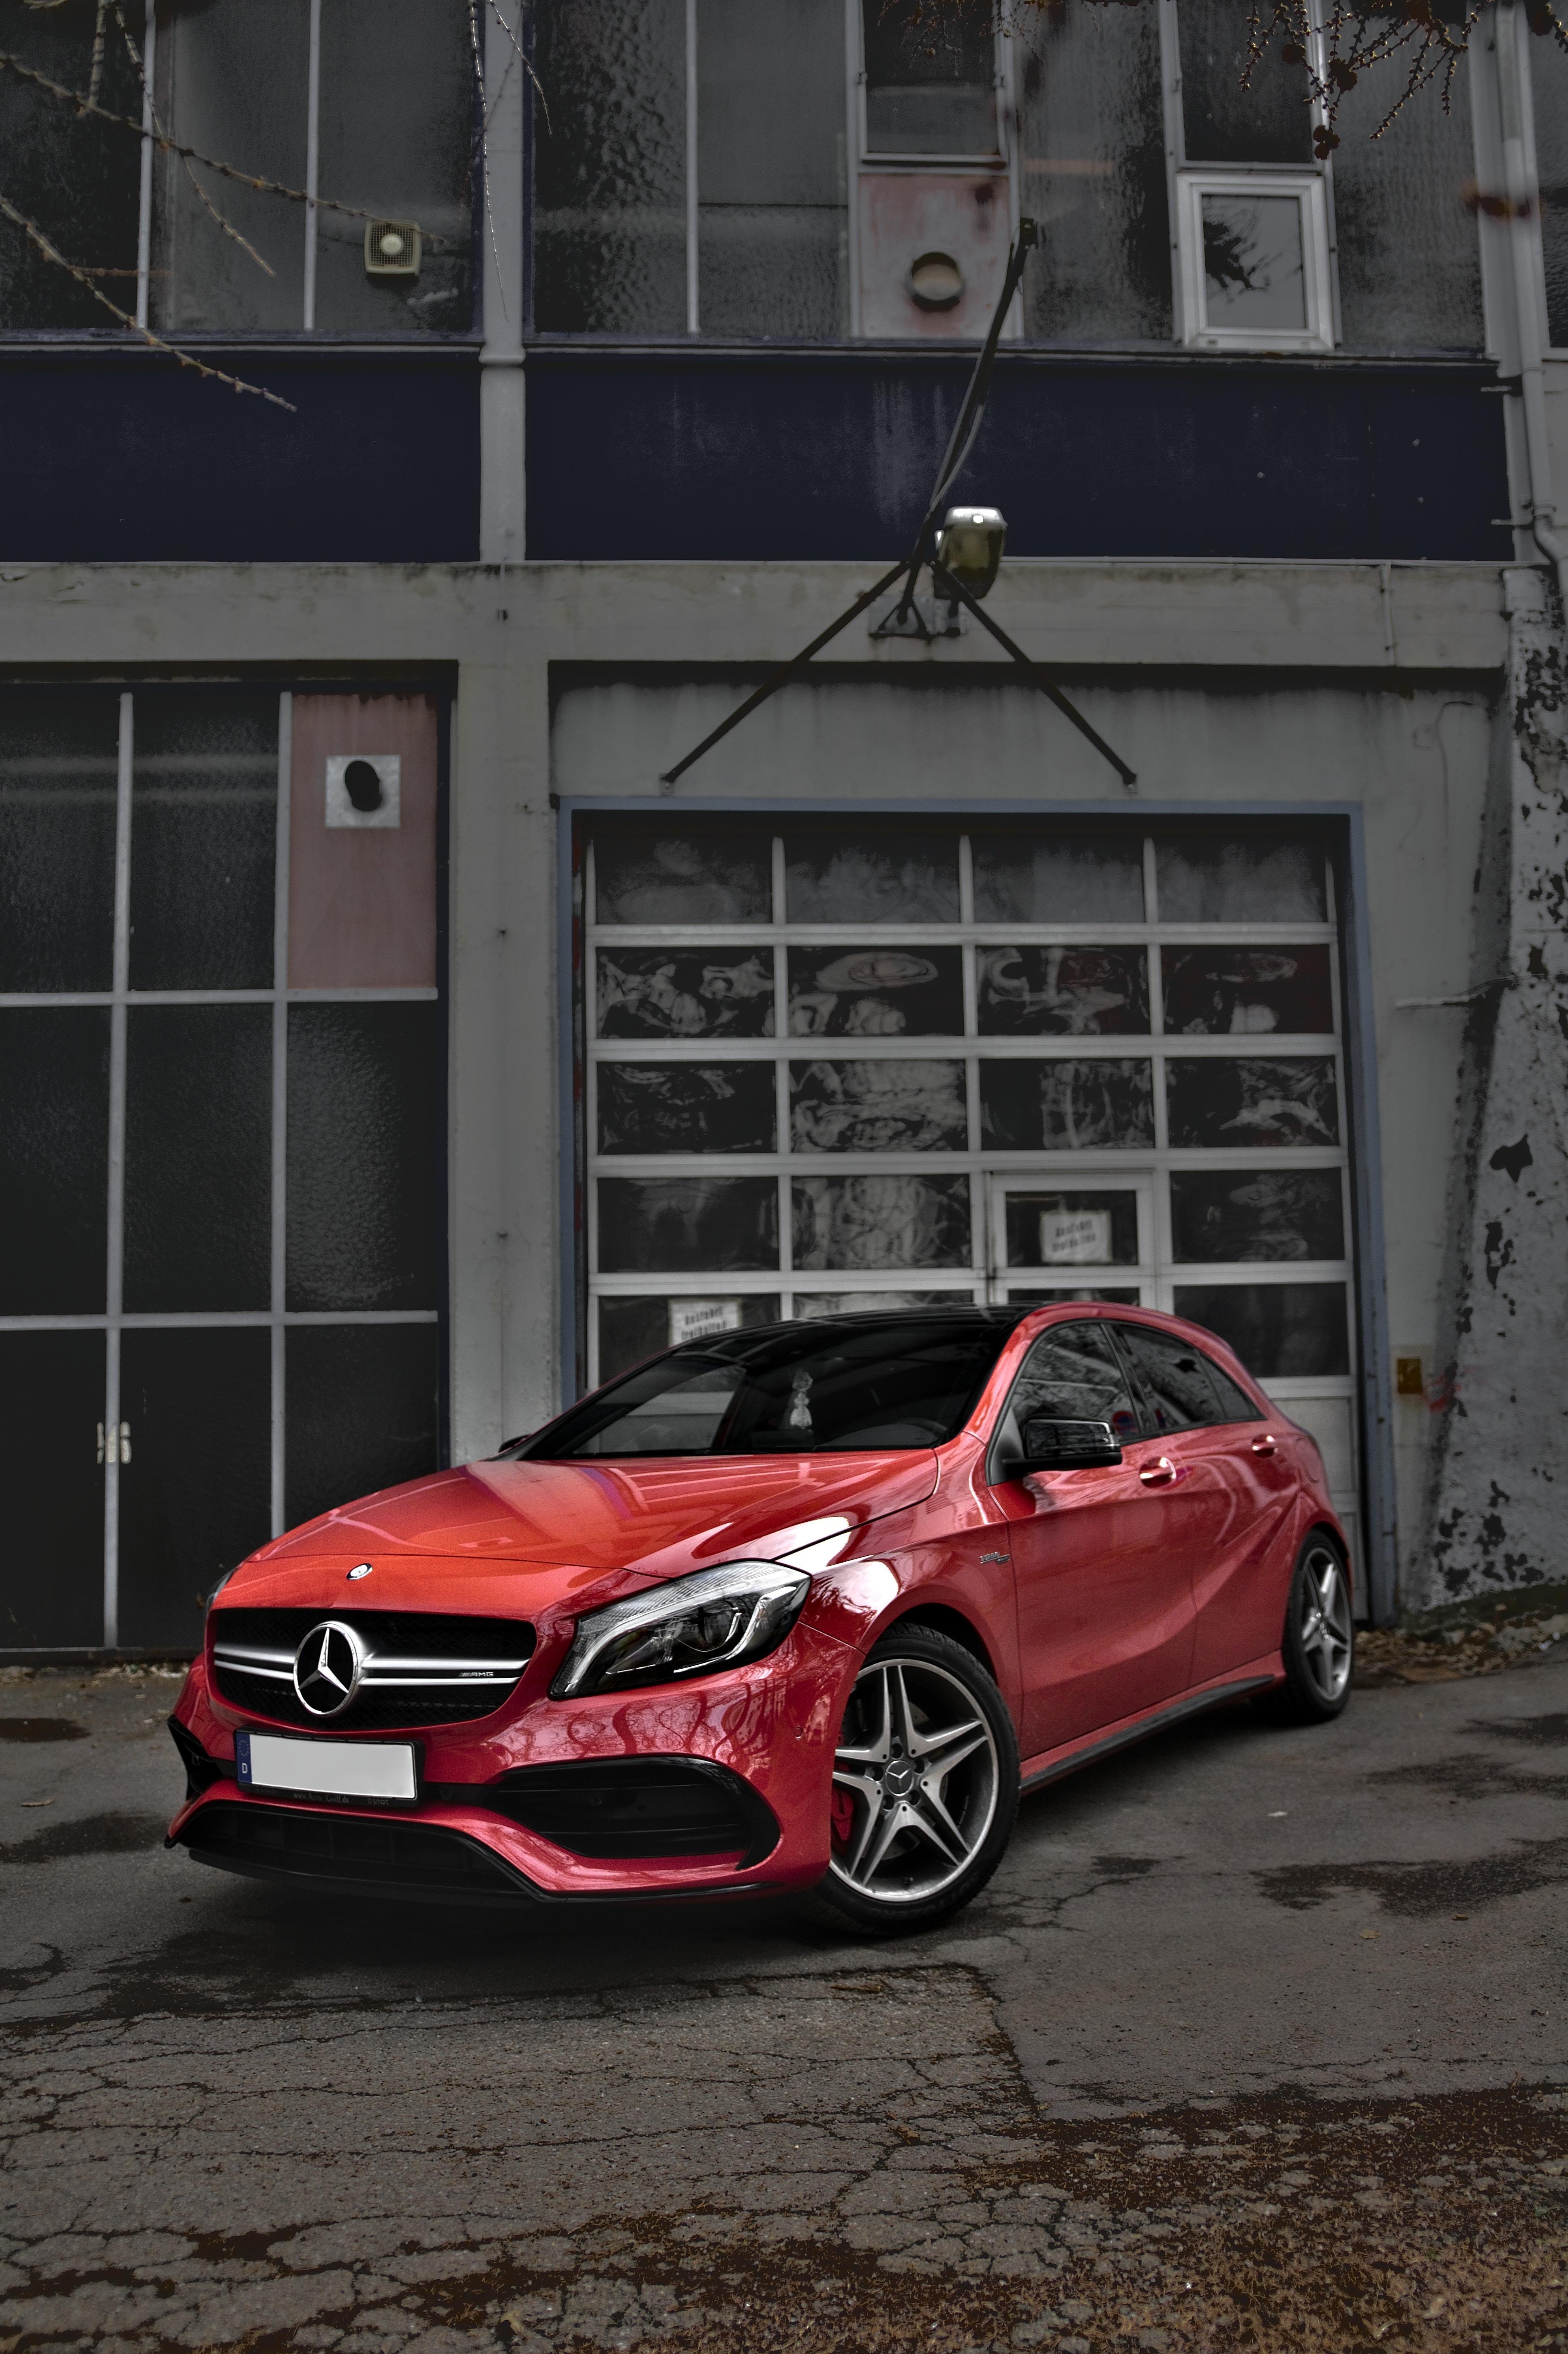 86366 скачать обои Тачки (Cars), Mercedes-Benz Cls-Class, Mercedes, Машина, Красный, Вид Сбоку, Городской - заставки и картинки бесплатно